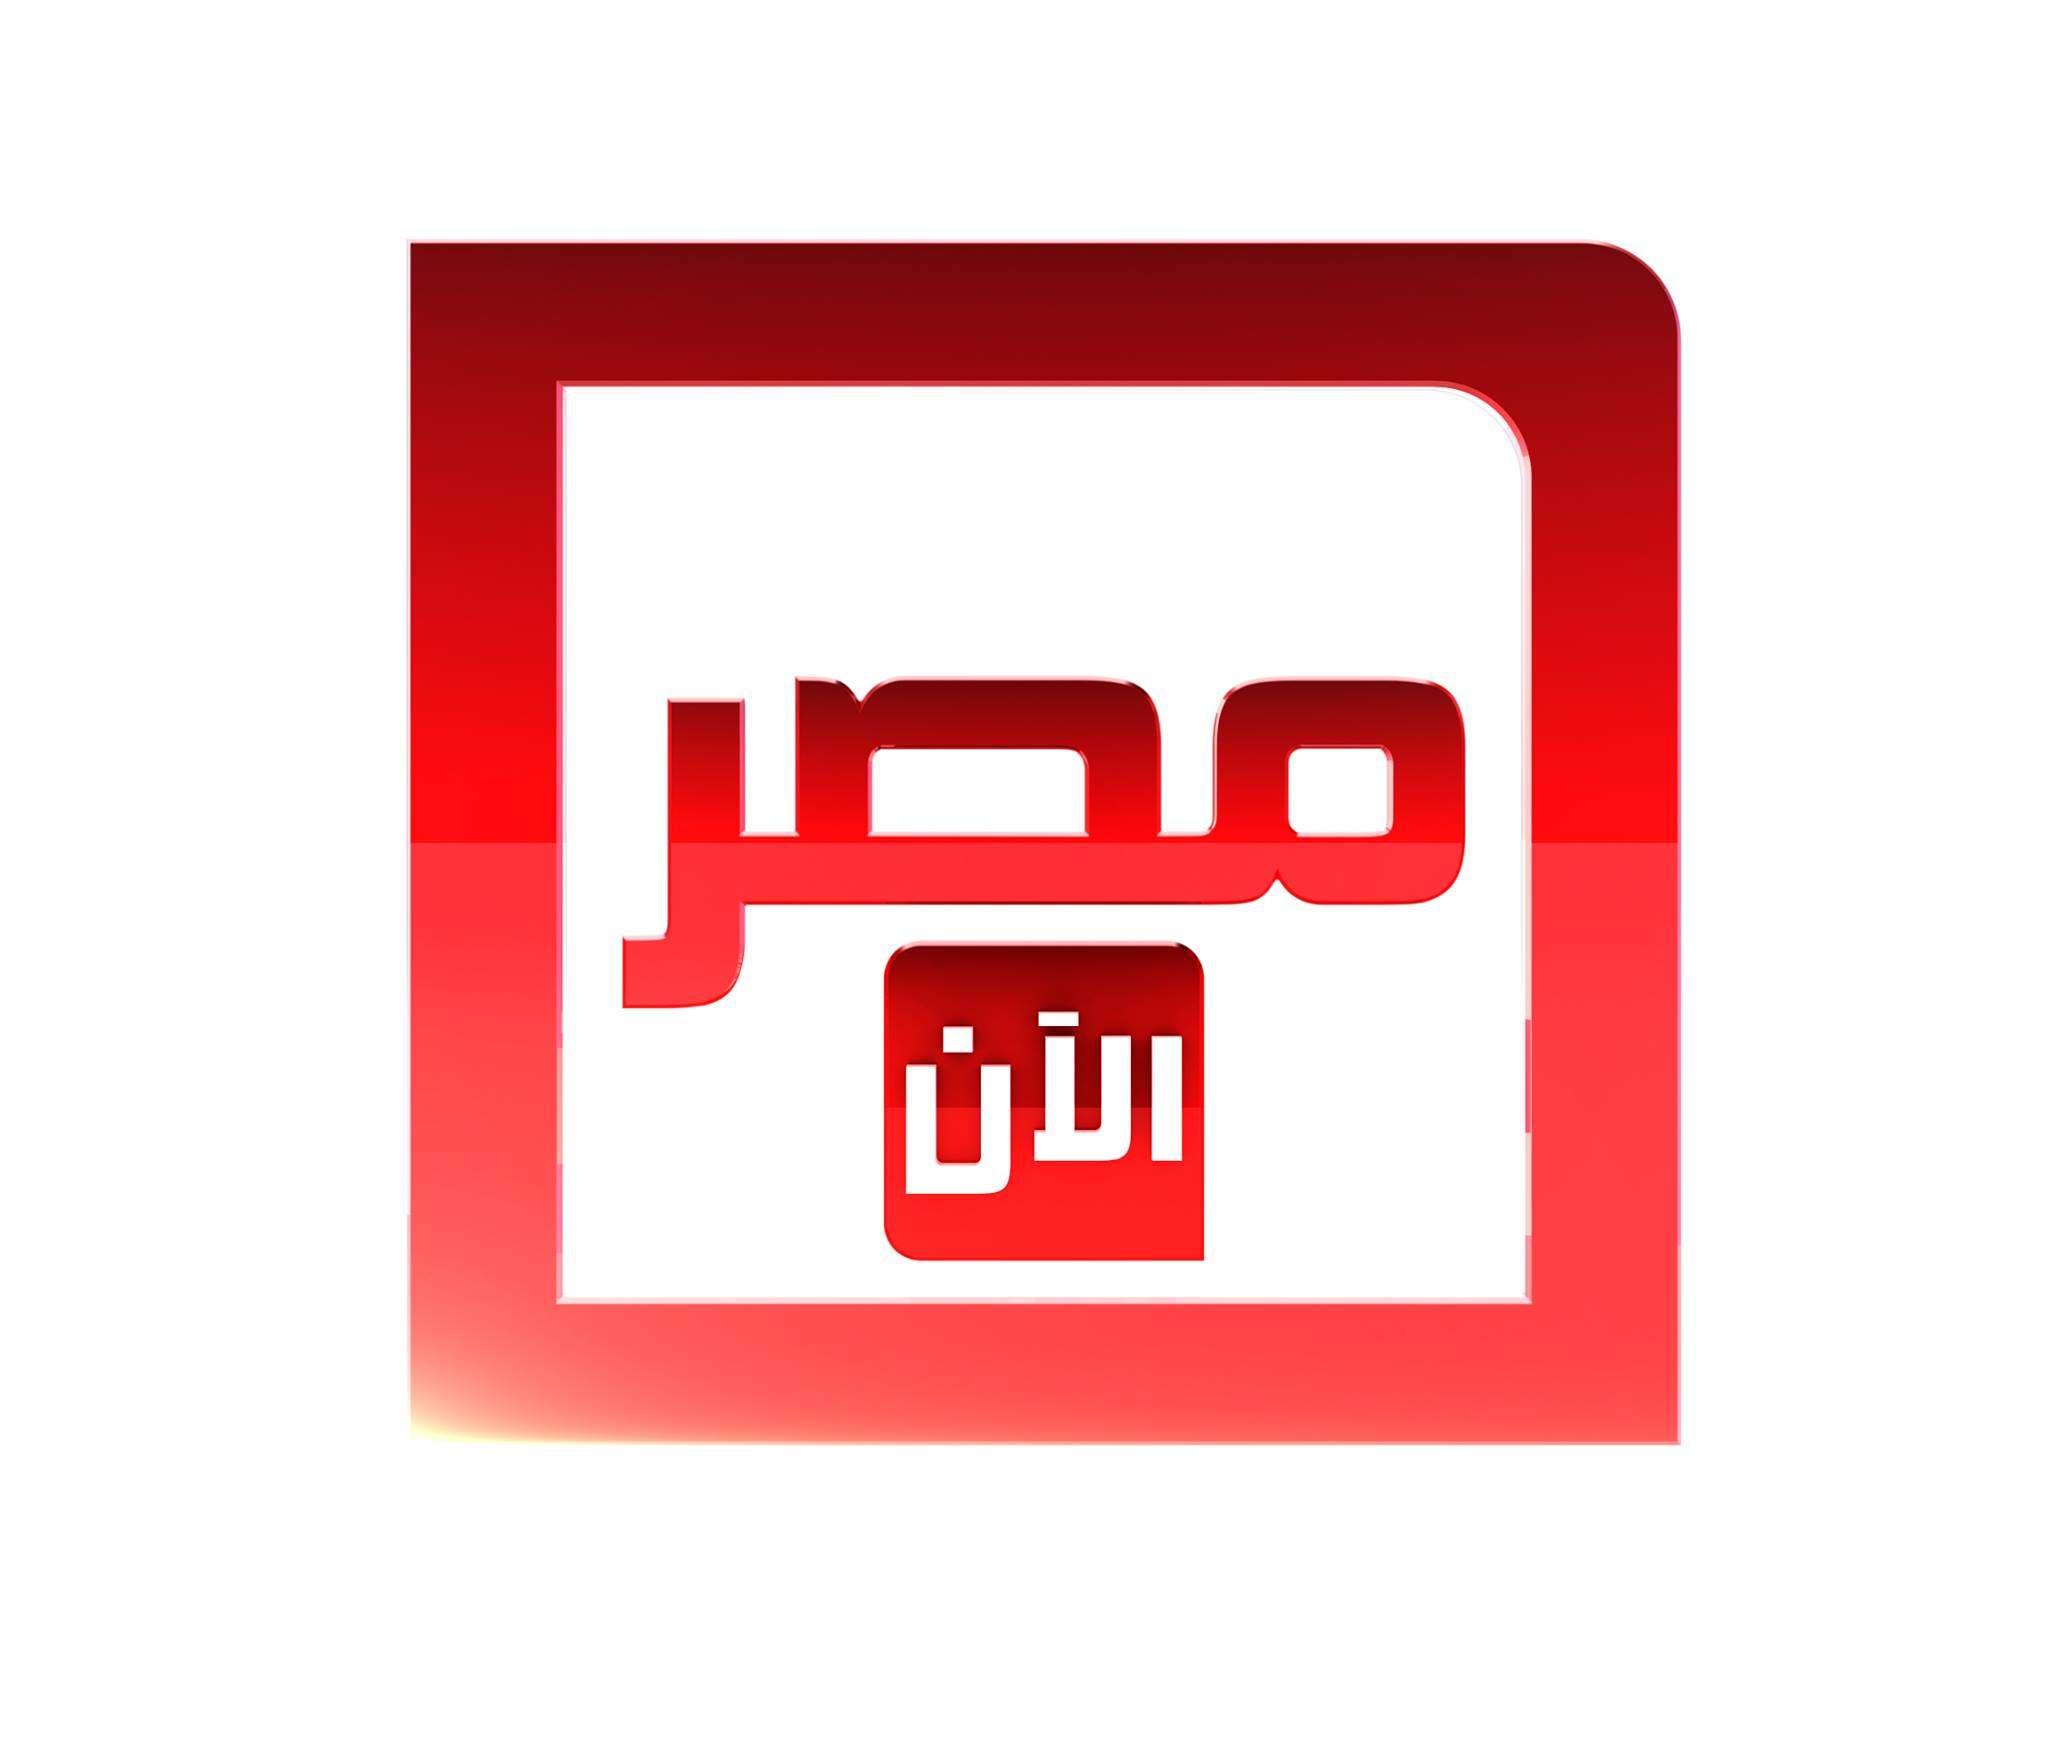 صورة تردد قناة مصر الان الجديد علي النايل سات والهوت بيرد